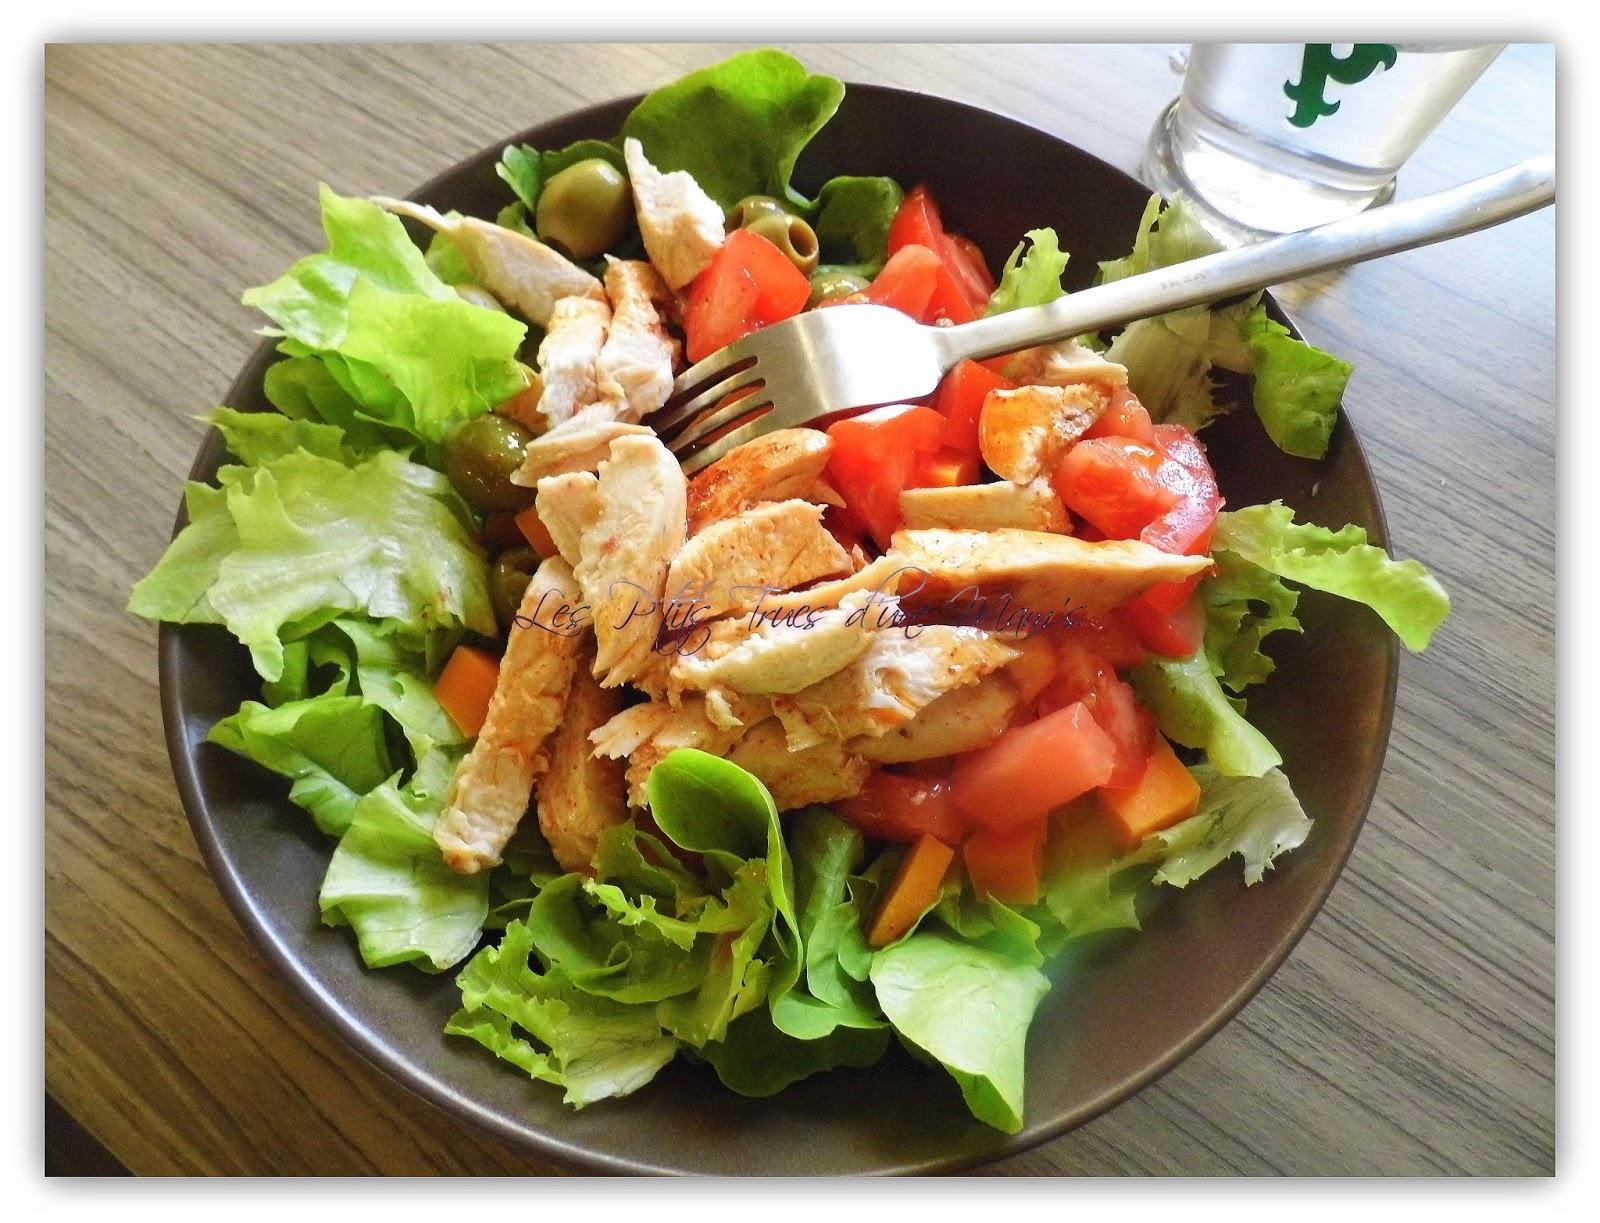 Les p 39 tits trucs d 39 une mam 39 s salade compos e au poulet - Salade verte composee ...